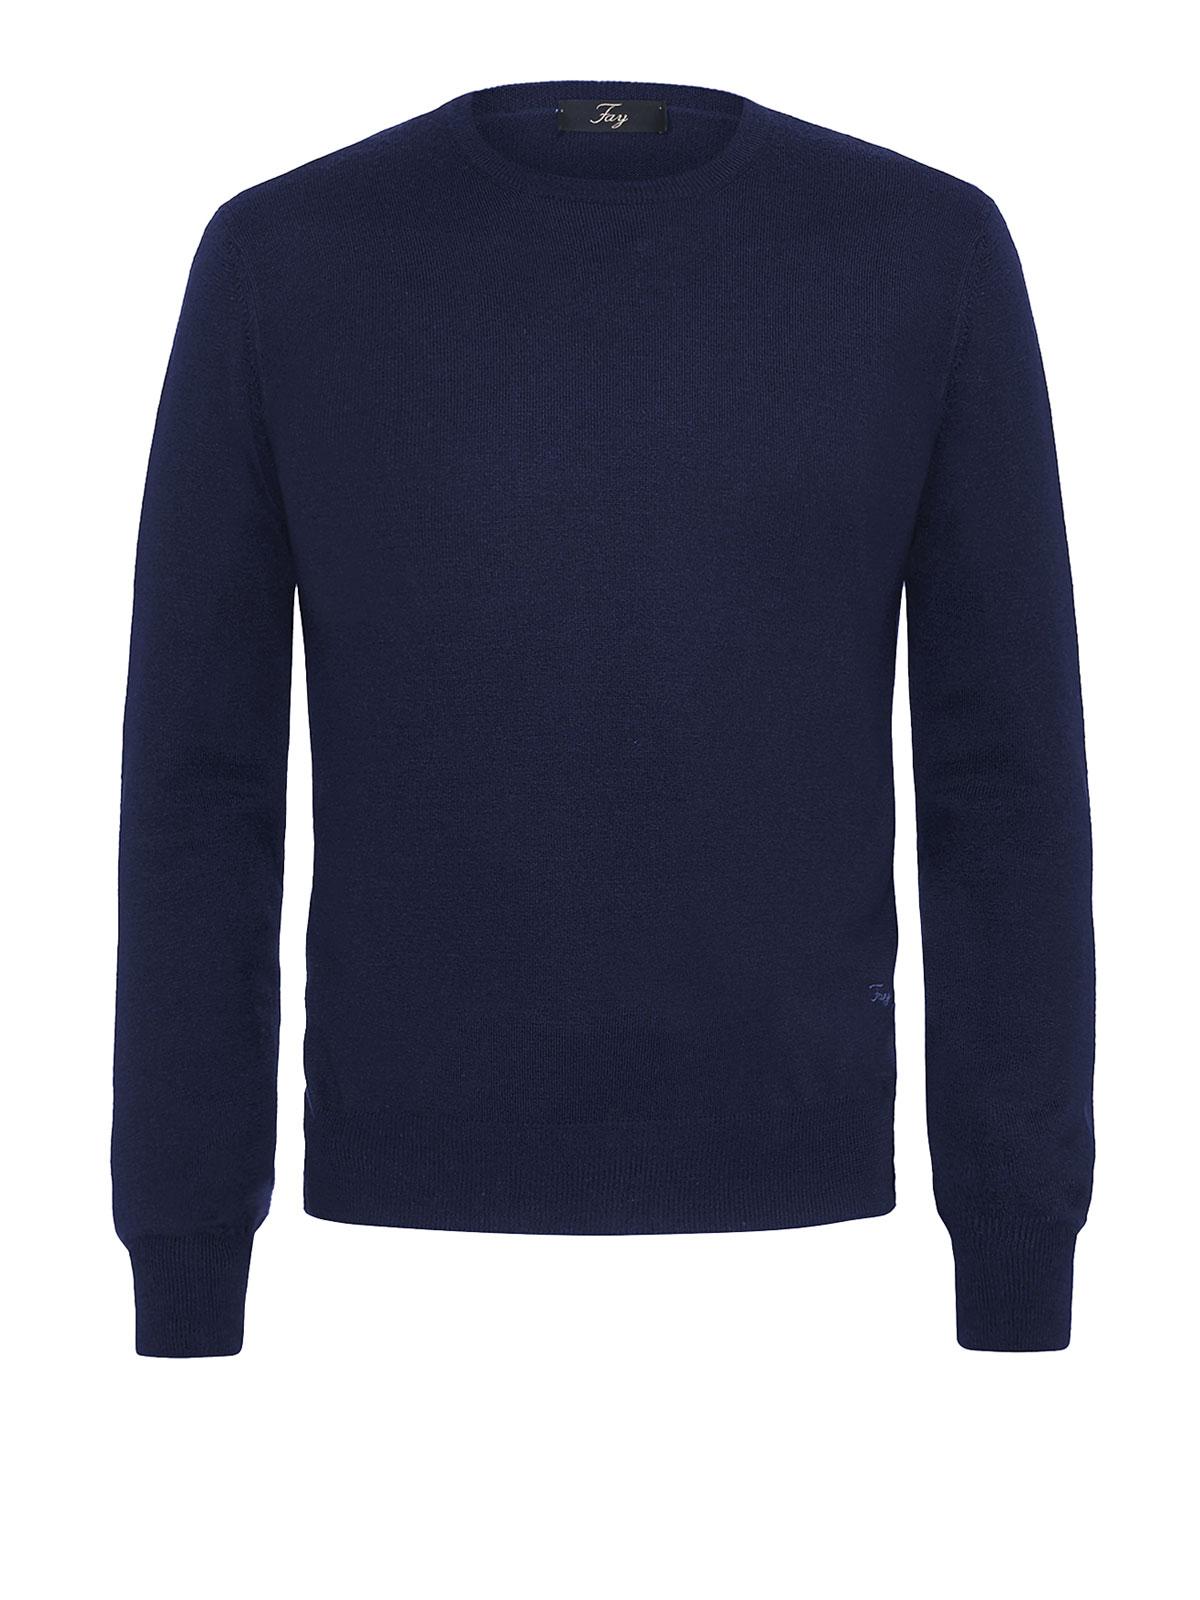 new styles 59061 72a8b Fay - Maglione girocollo in lana - maglia collo rotondo ...